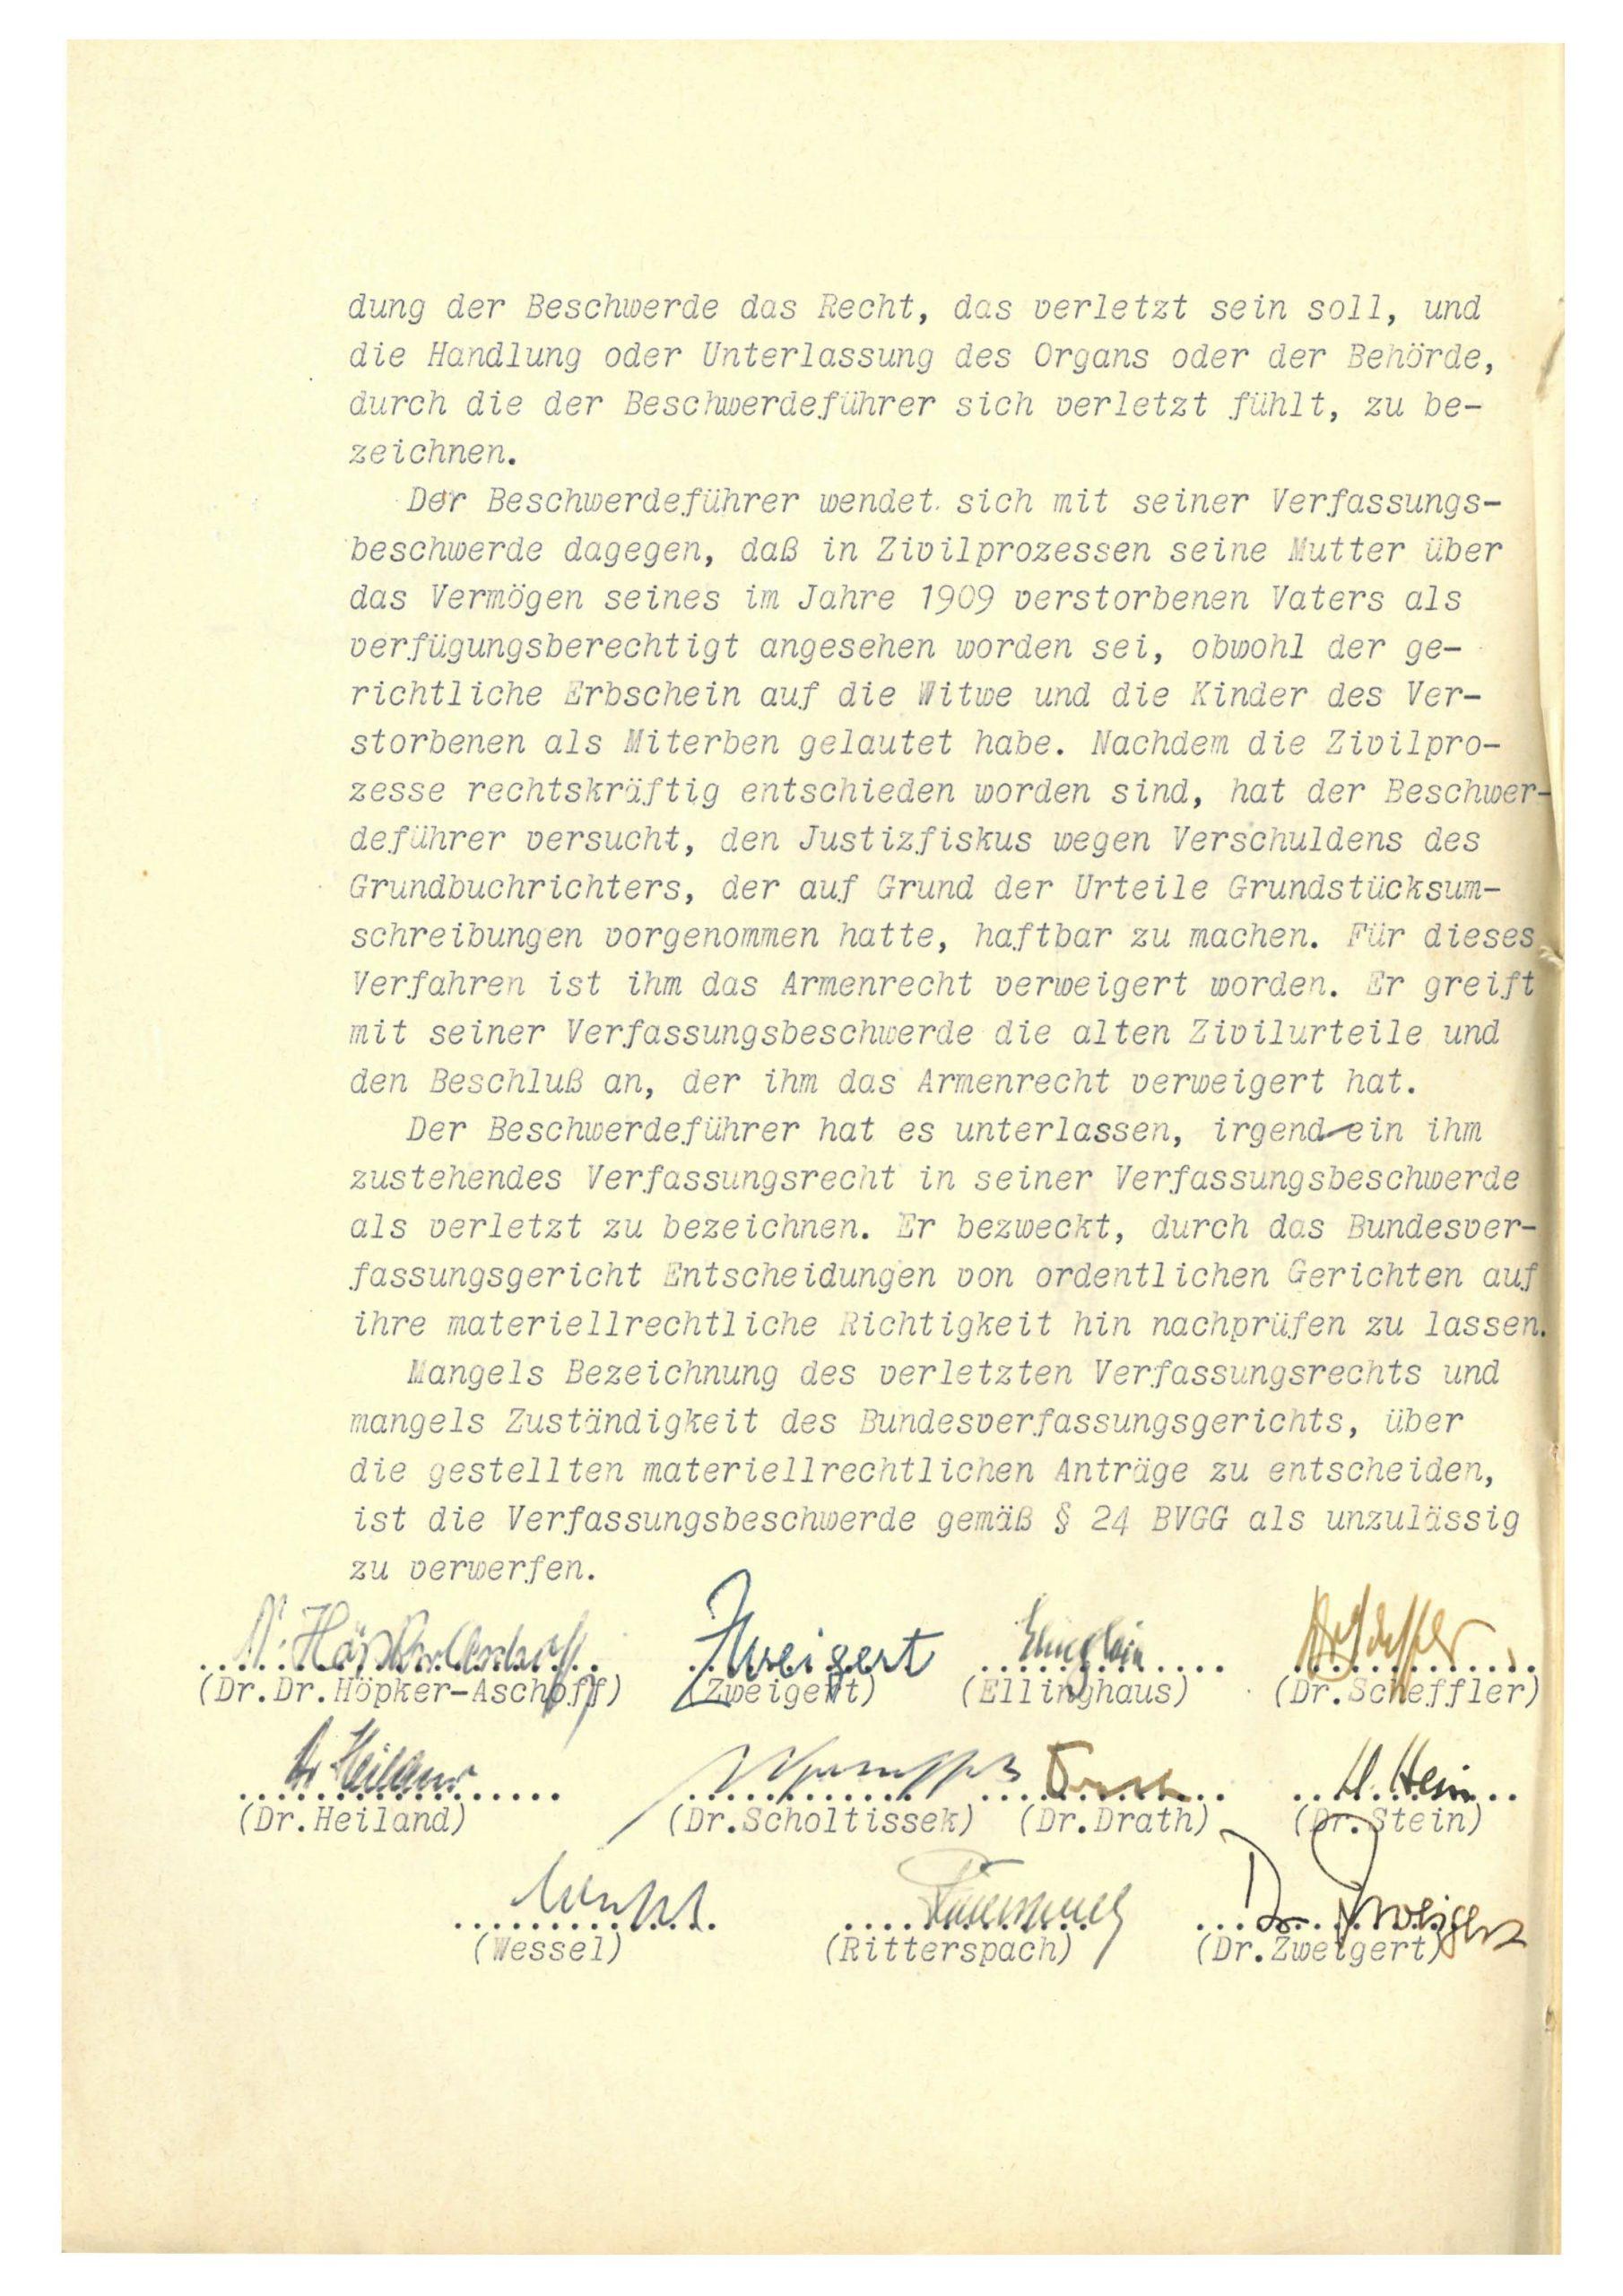 Erste_Verfassungsbeschwerde_2